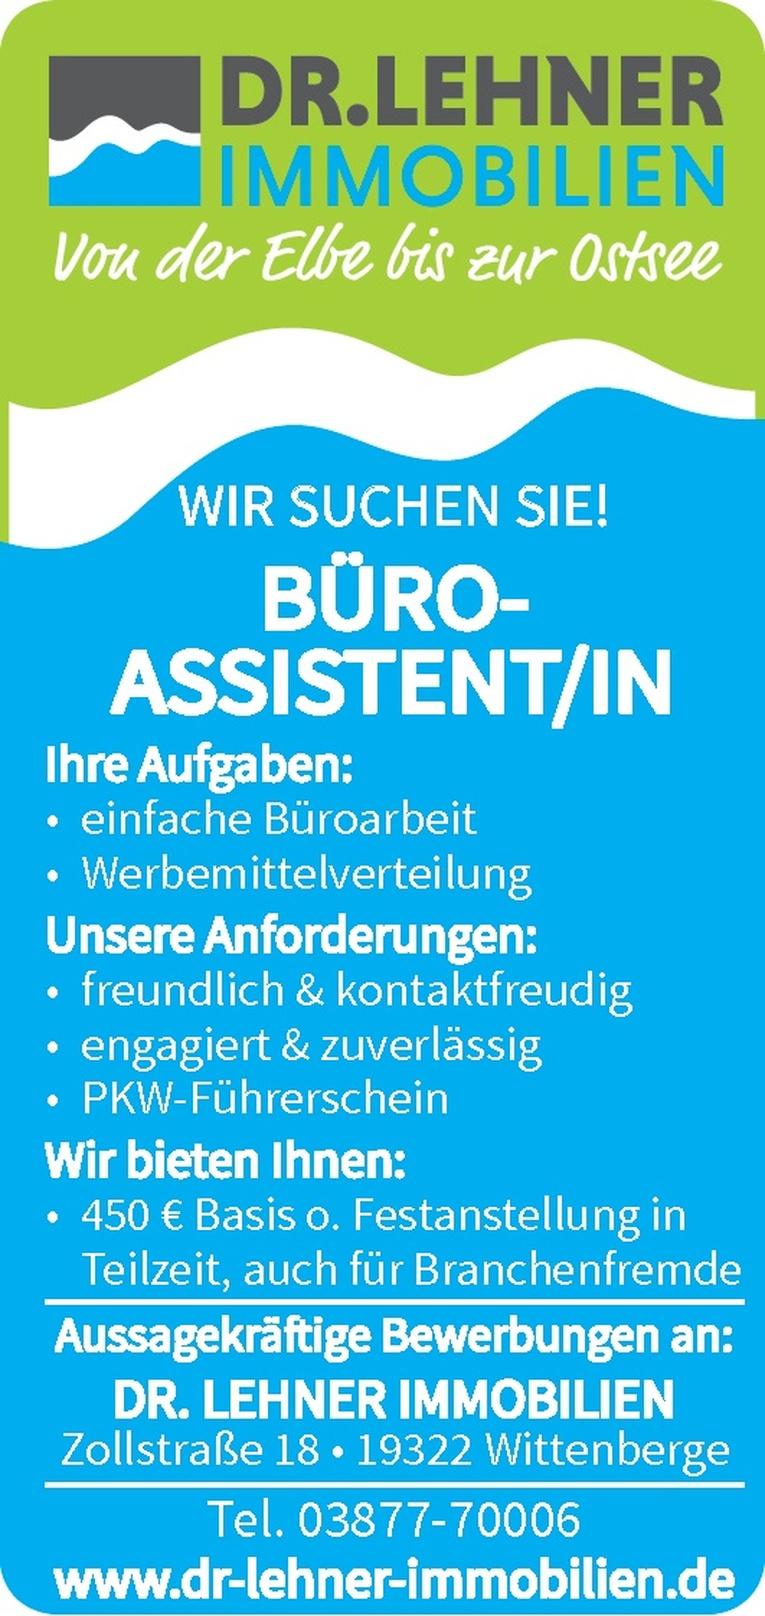 Büro-Assistent/in